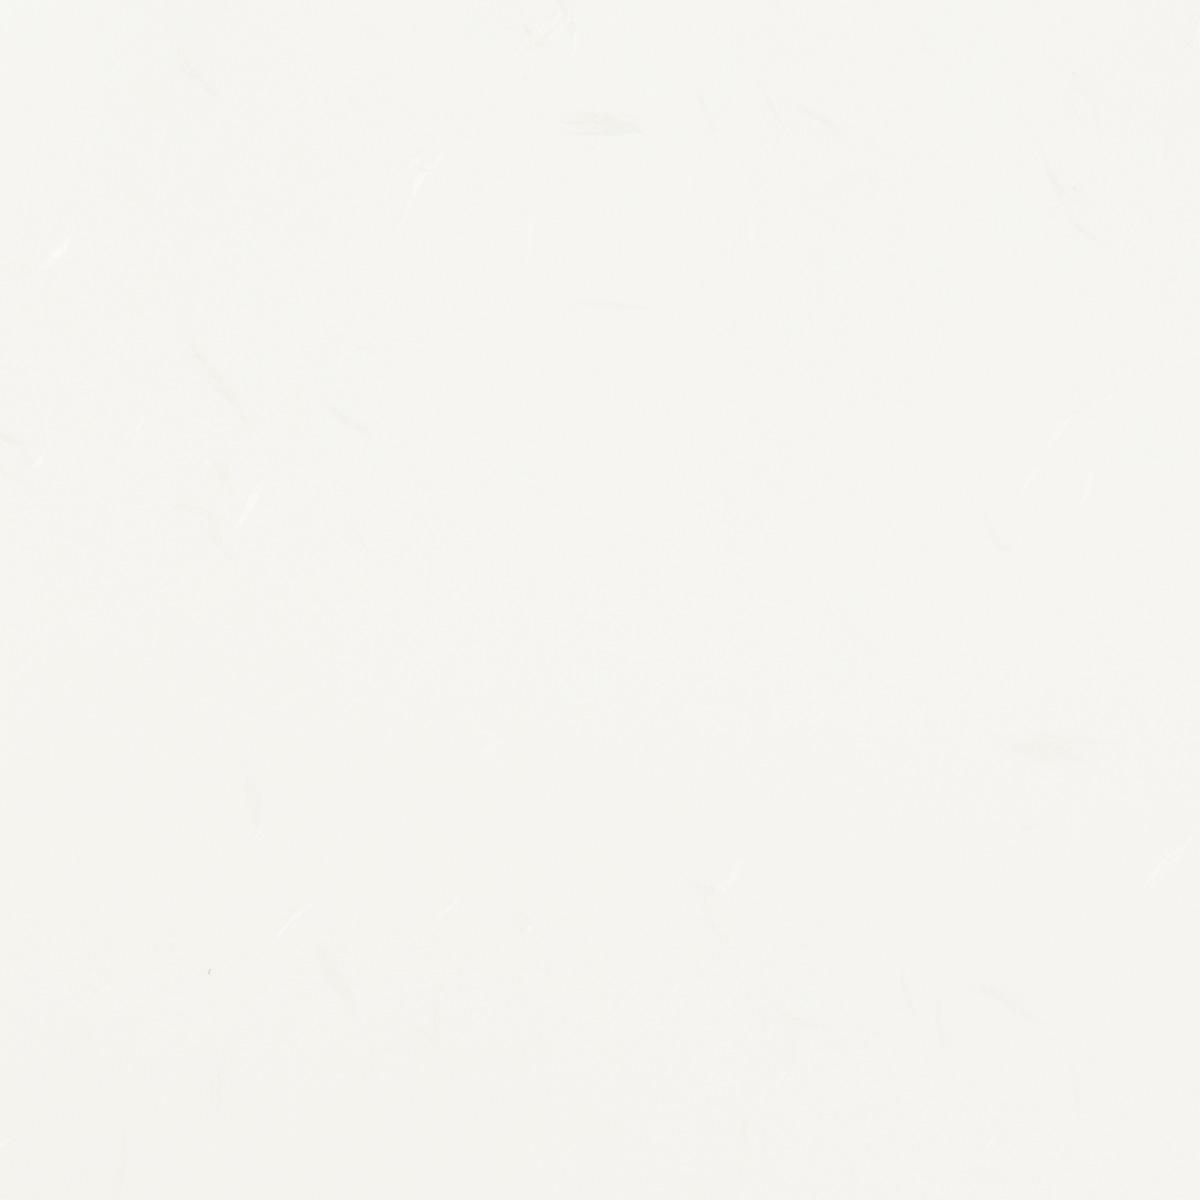 月華ニューカラー A4サイズ(50枚入) No.37 ホワイト